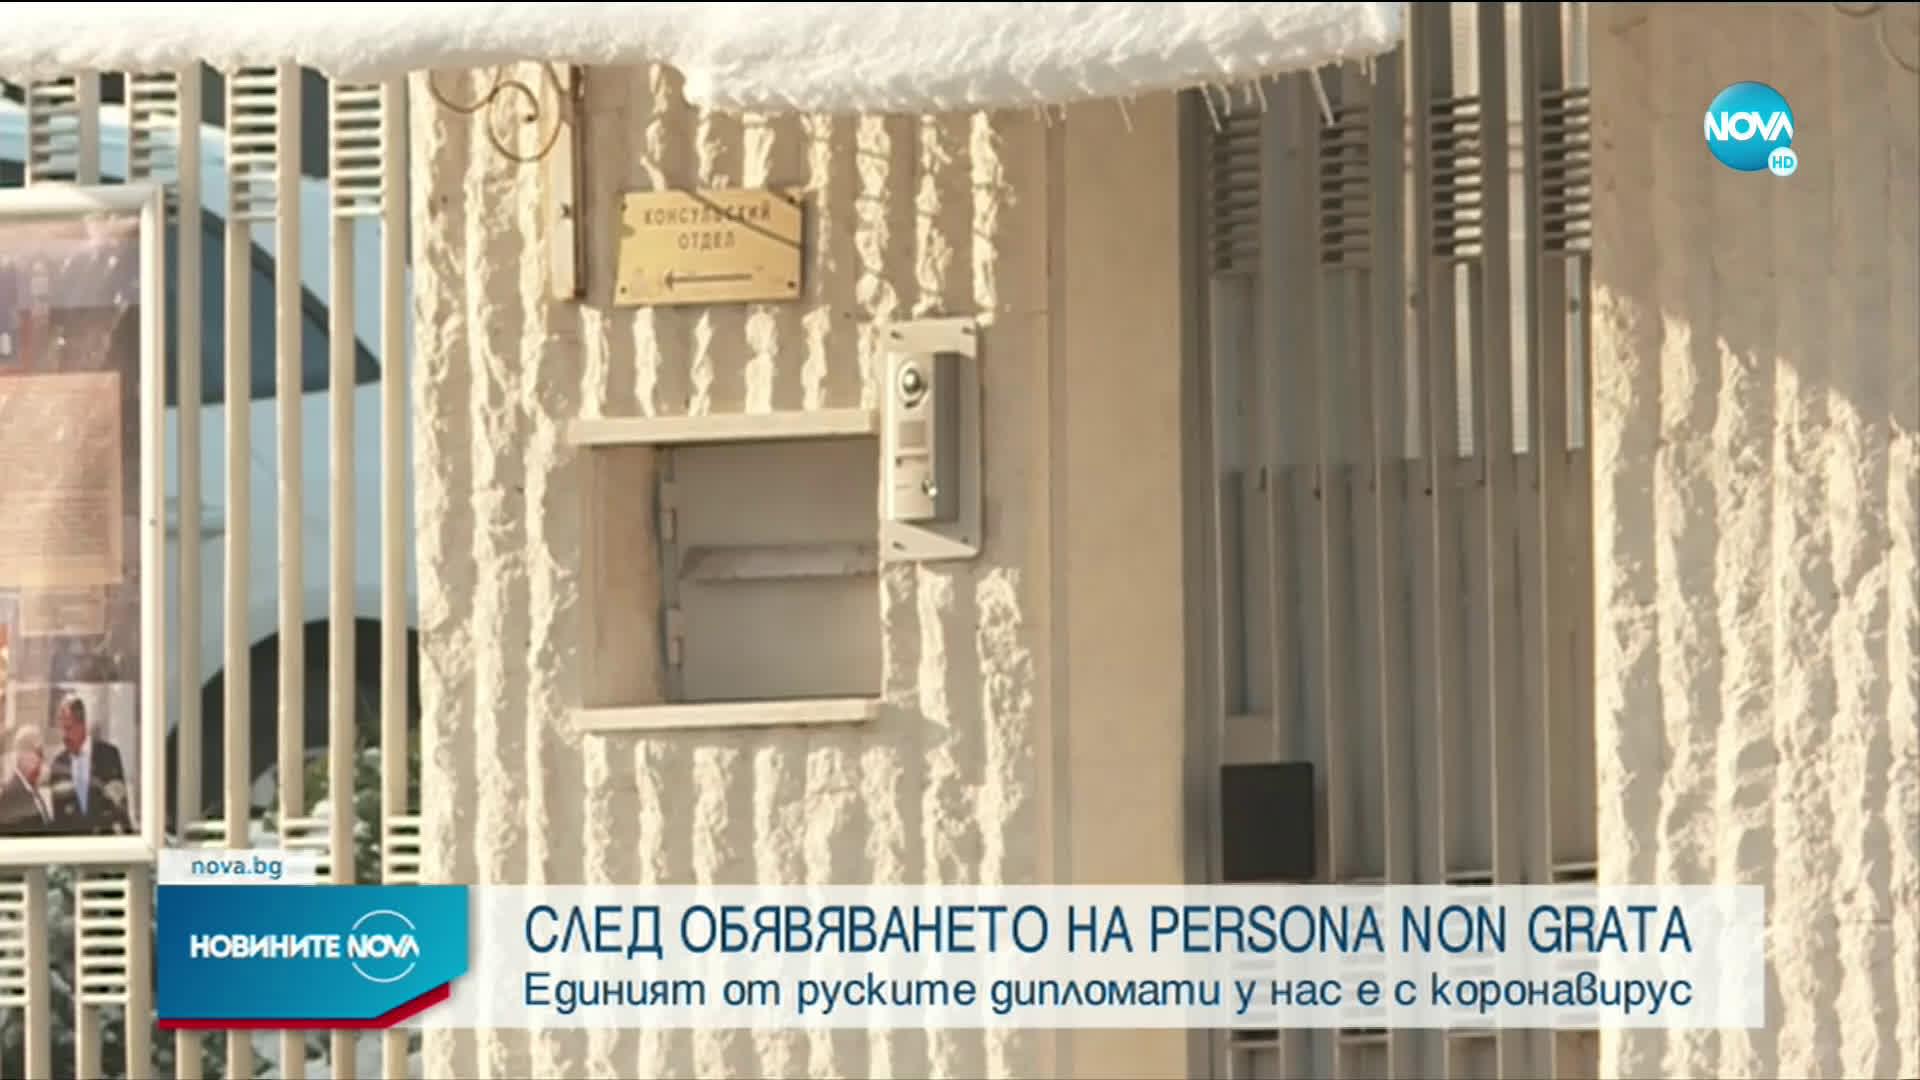 Обявен за персона нон грата дипломат у нас не може да напусне България